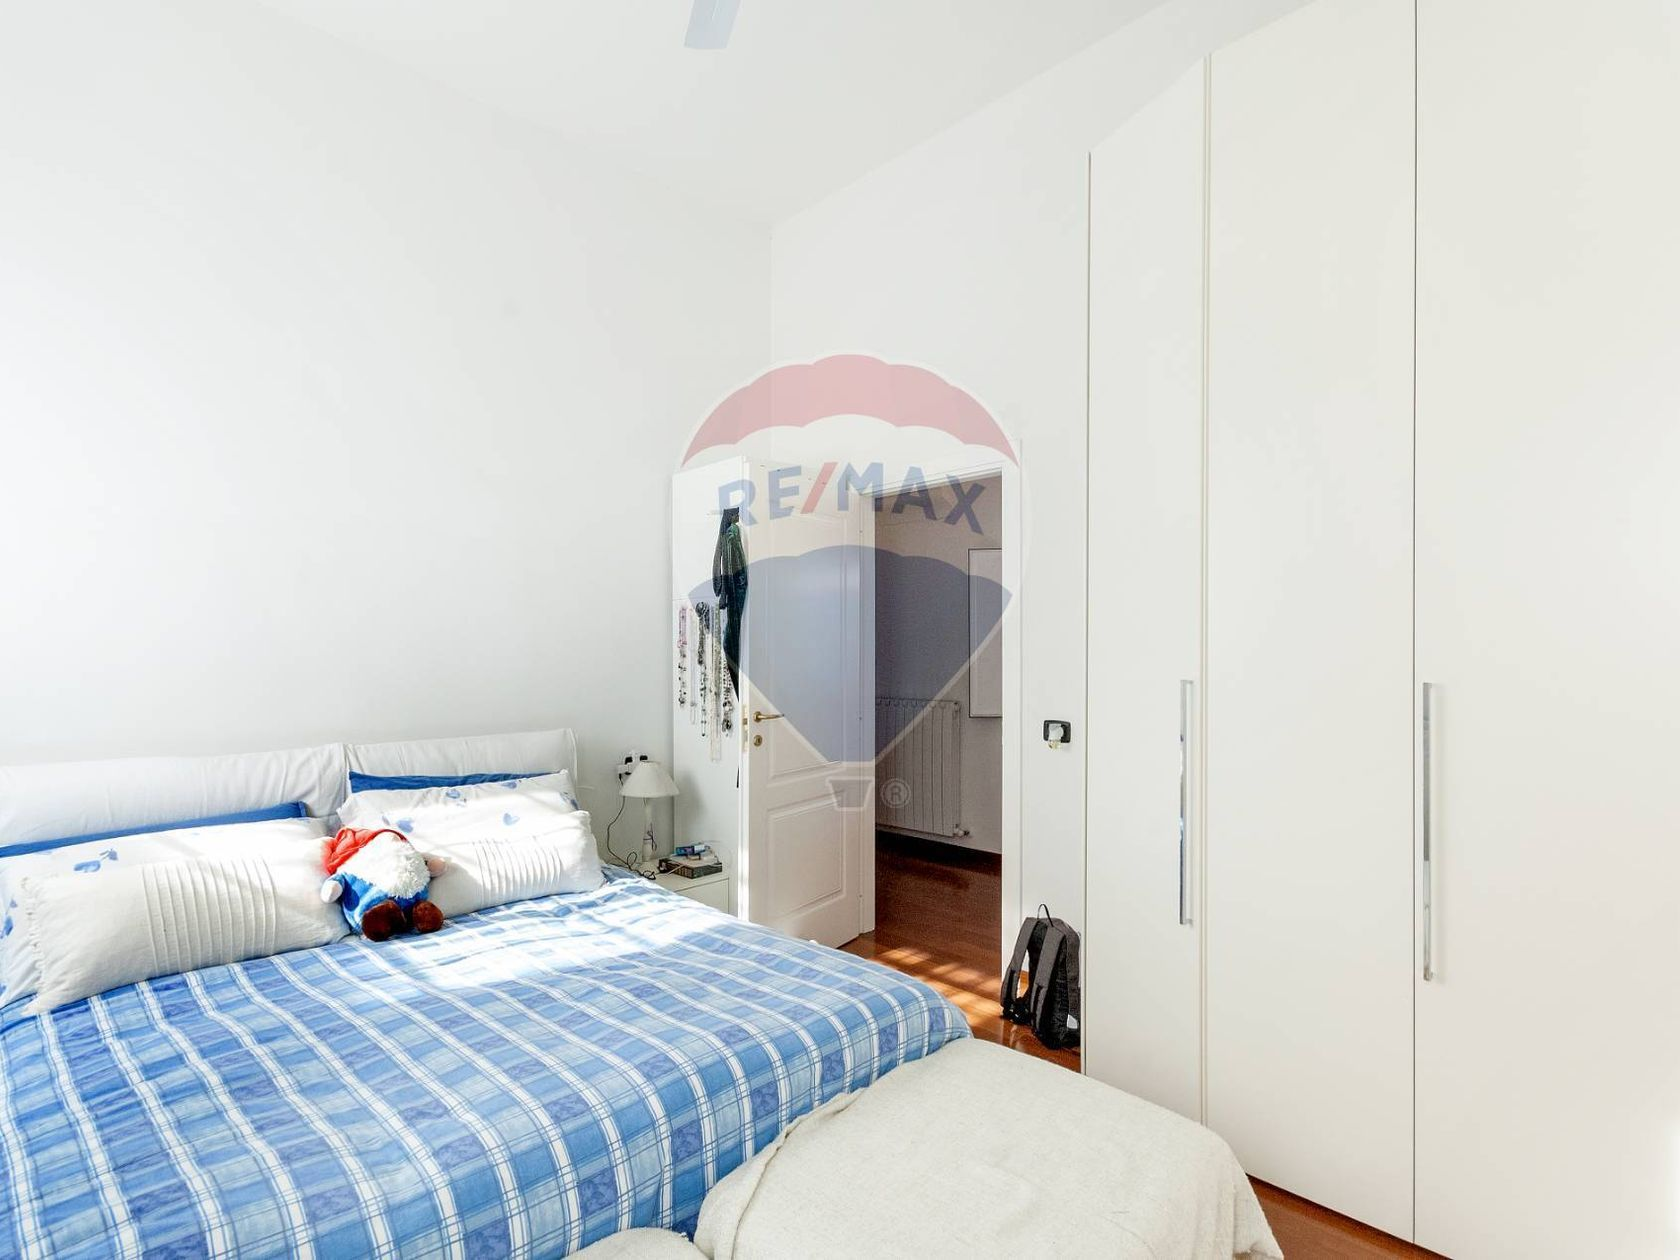 Appartamento Zona Centro Storico, San Giovanni in Persiceto, BO Vendita - Foto 19